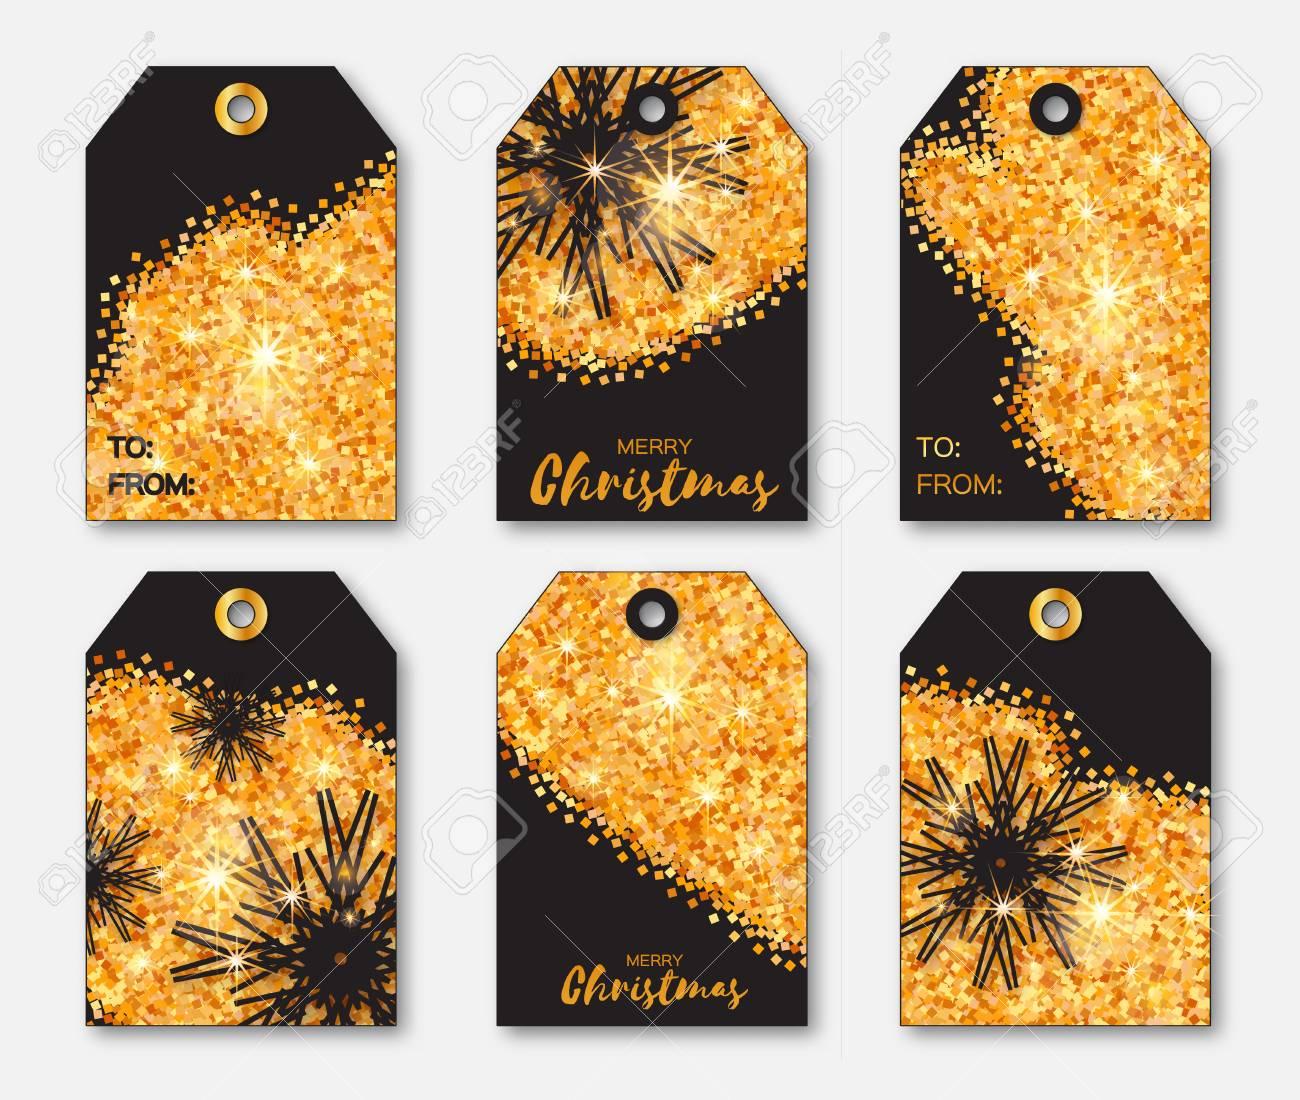 Festliche Sammlung Von Gold-Glitter Textur Weihnachten Etiketten ...